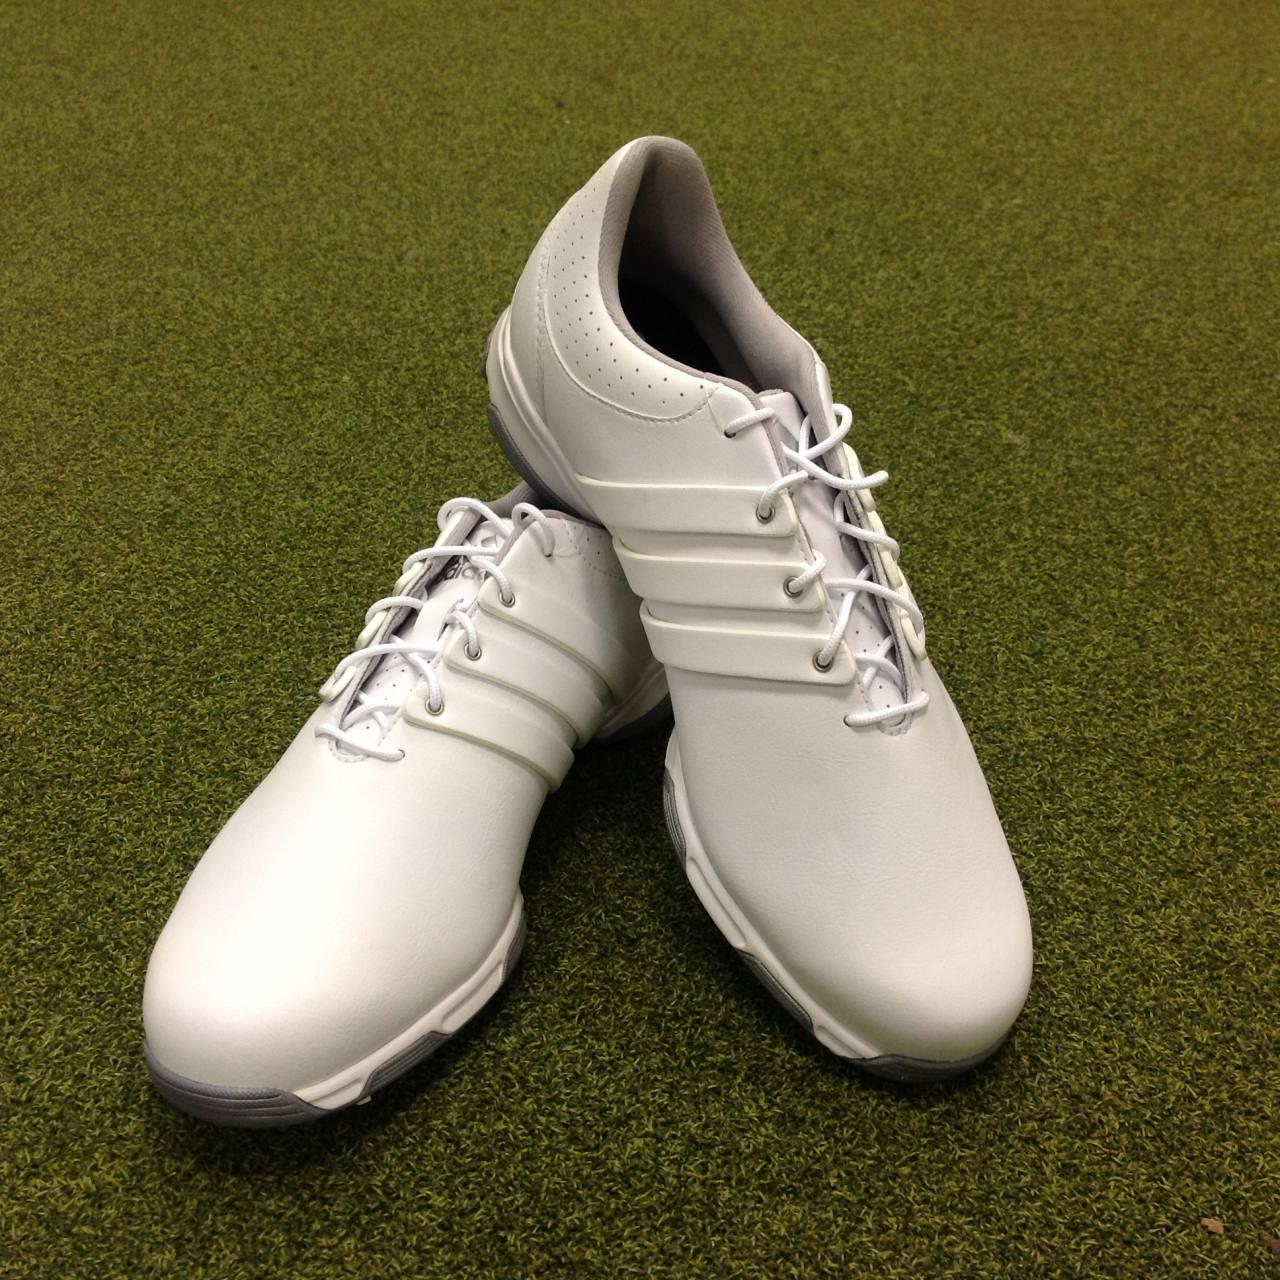 Adidas Tour  Ltd Golf Shoes White